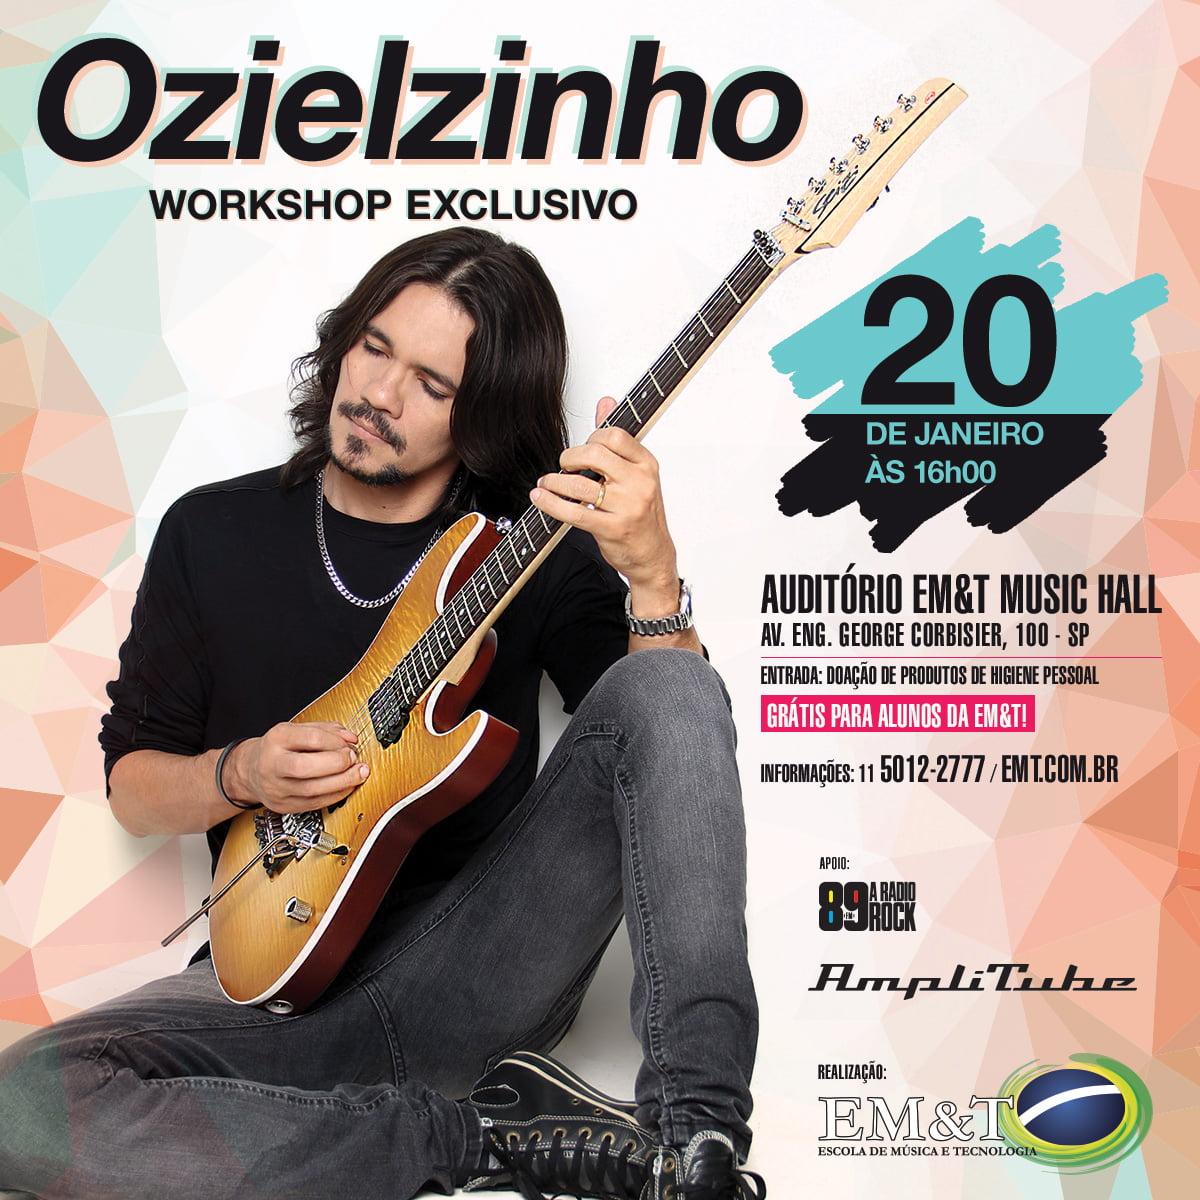 Ozielzinho: guitarrista realiza workshop exclusivo neste sábado na EM&T